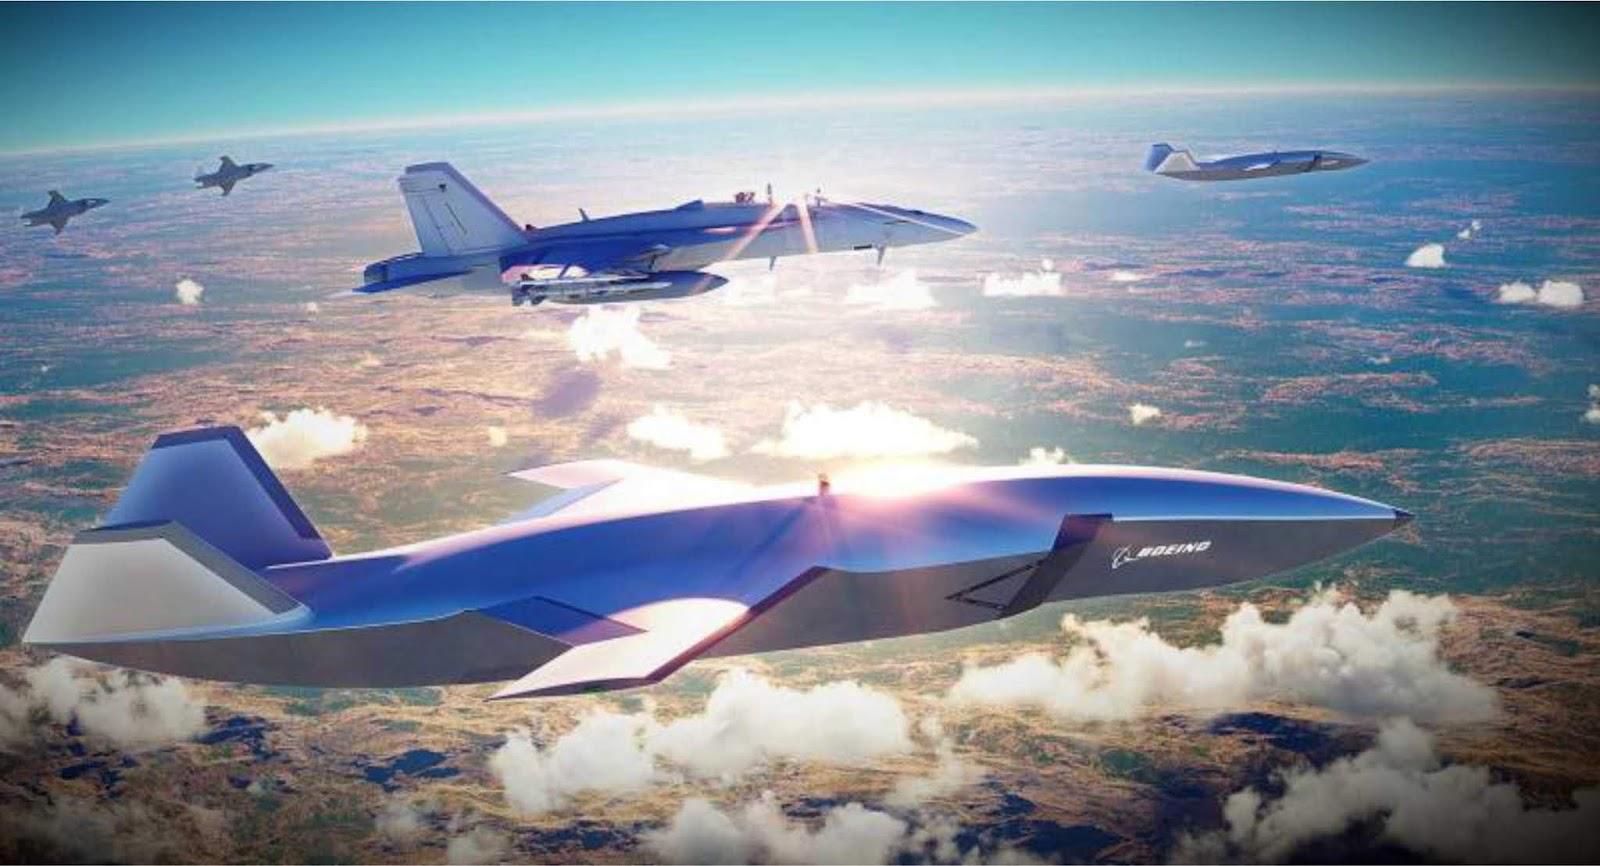 Boeing Australia Akan Menciptakan Pesawat Tempur Tak Berawak Dengan Kecerdasan Buatan